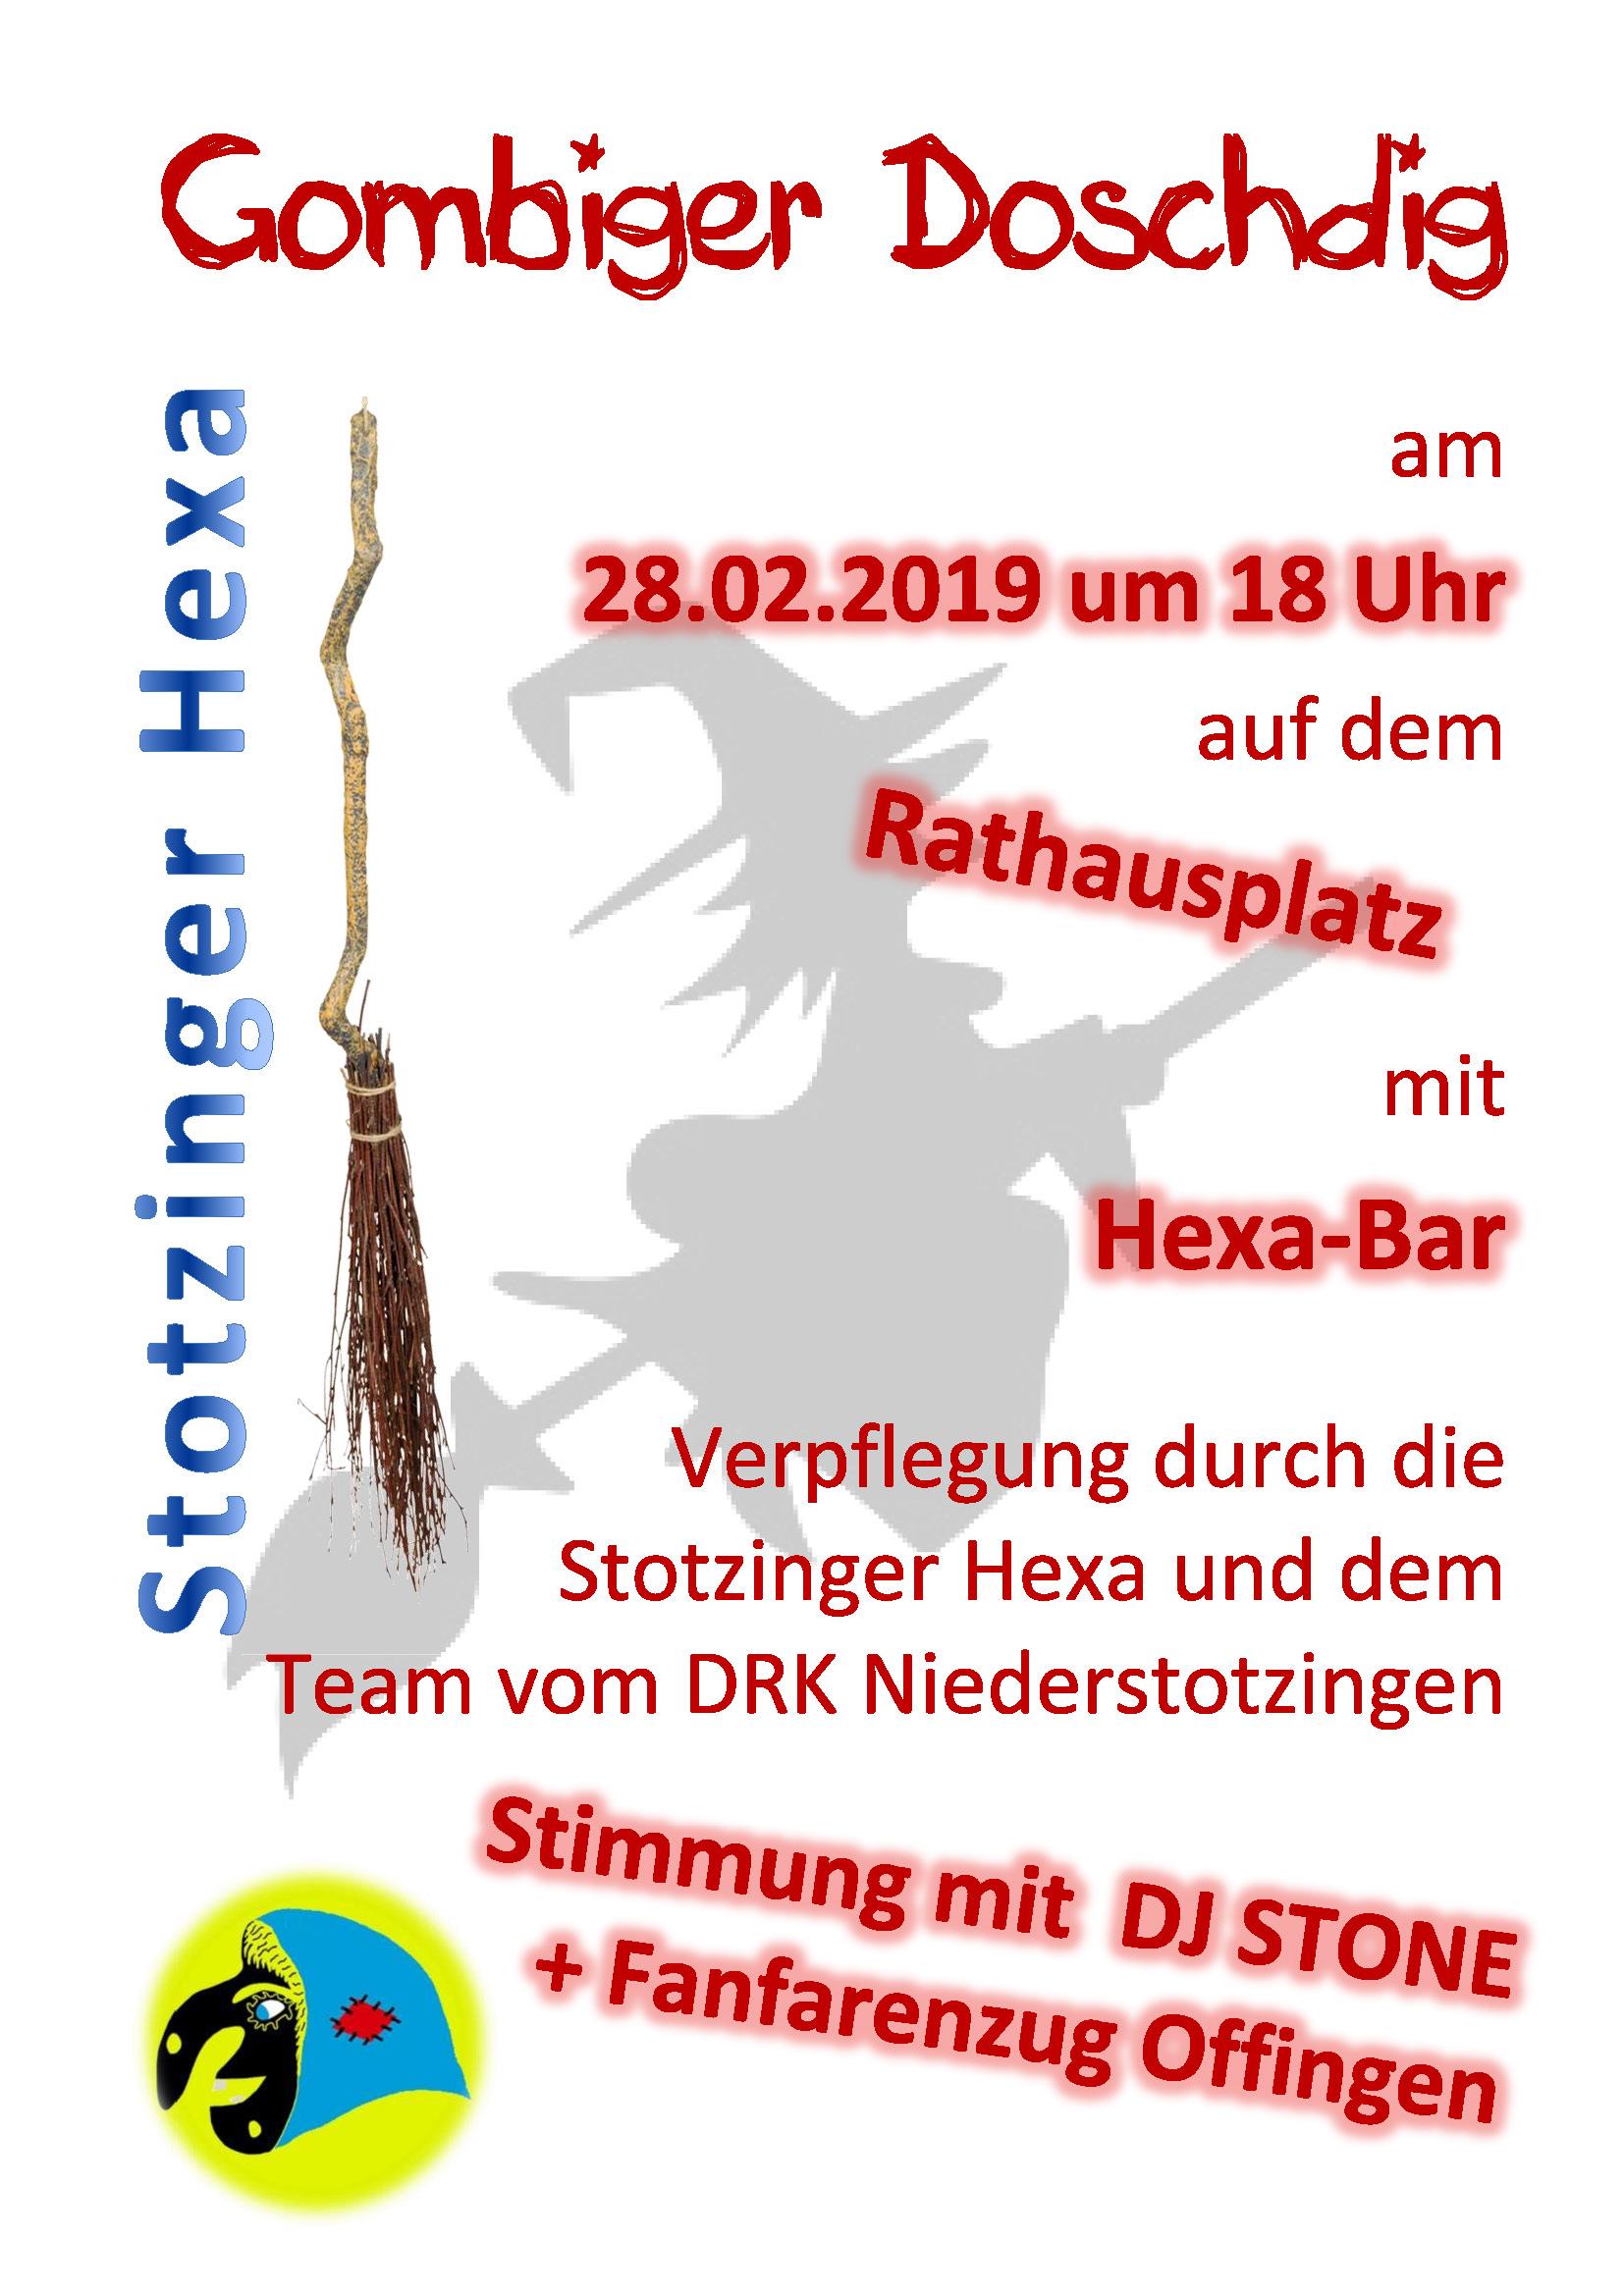 Gombiger Doschdig 2019 - Stotzinger Hexa